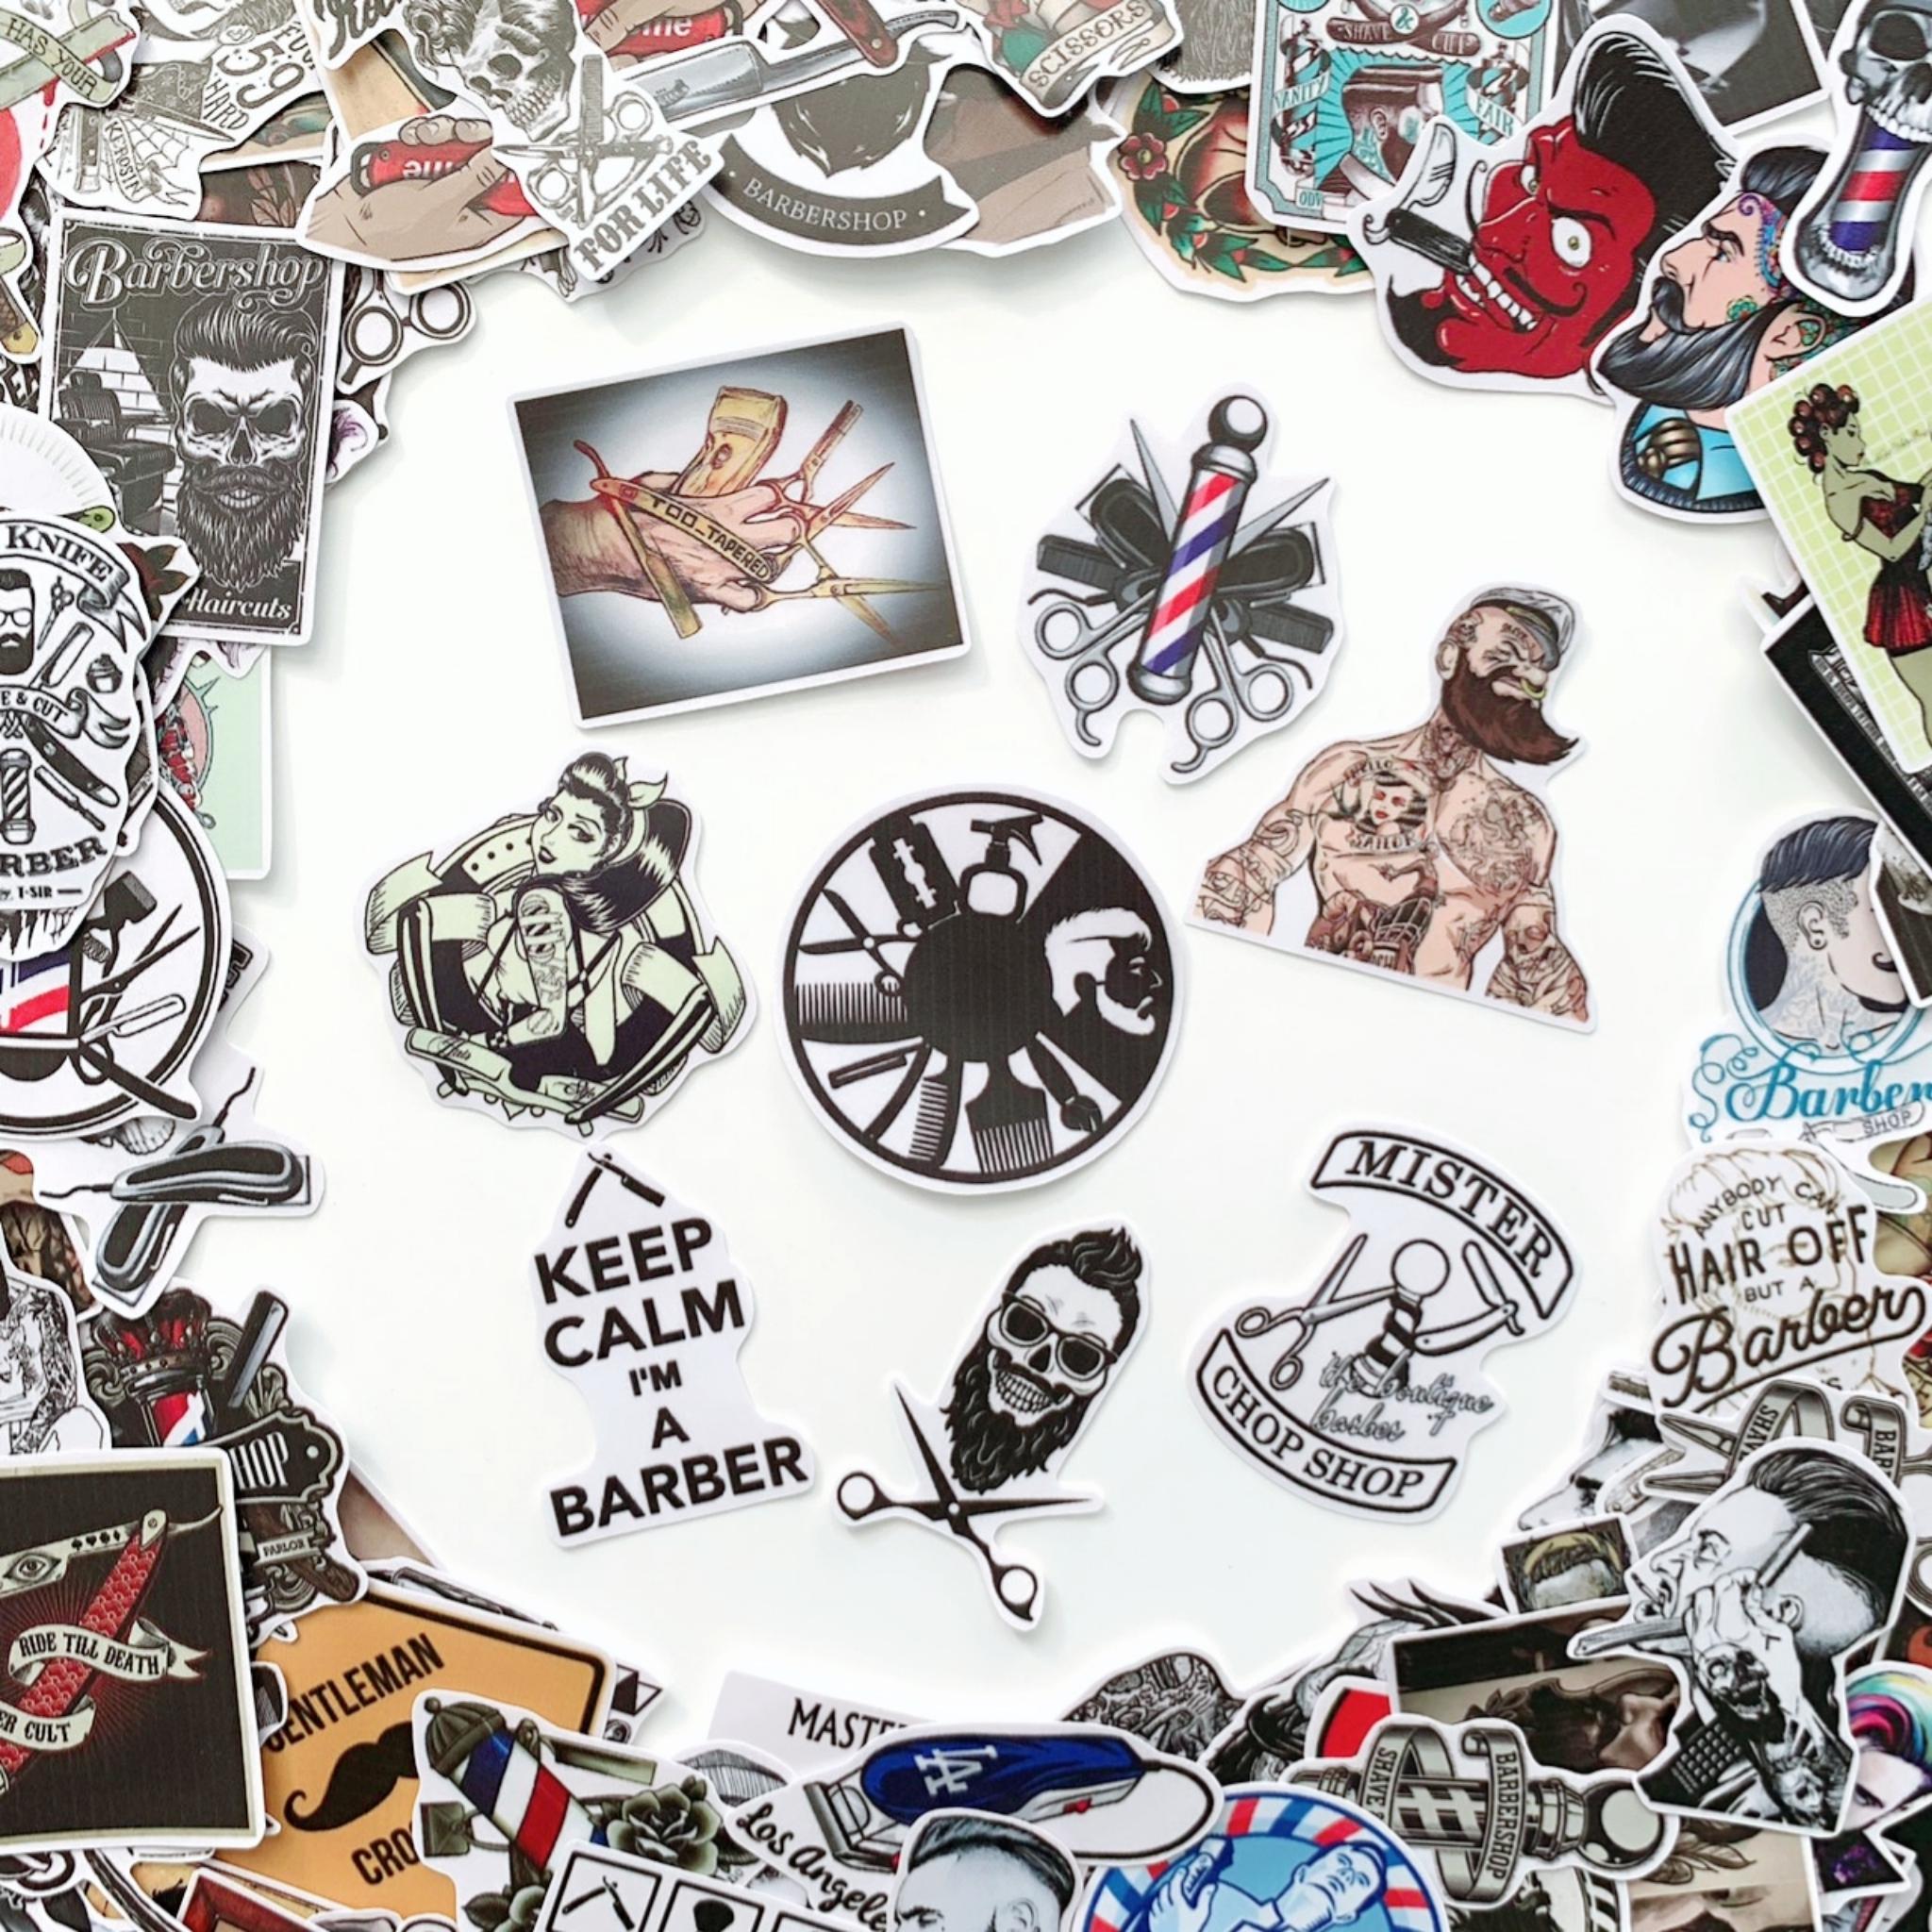 Bộ 20 Sticker Barber Shop (2020) Hình Dán Chống Nước Decal Chất Lượng Cao Trang Trí Cửa Hàng Cắt Tóc Nam, Va Li Du Lịch, Xe Đạp, Xe Máy, Laptop, Nón Bảo Hiểm, Máy Tính Học Sinh, Tủ Quần Áo, Nắp Lưng Điện Thoại